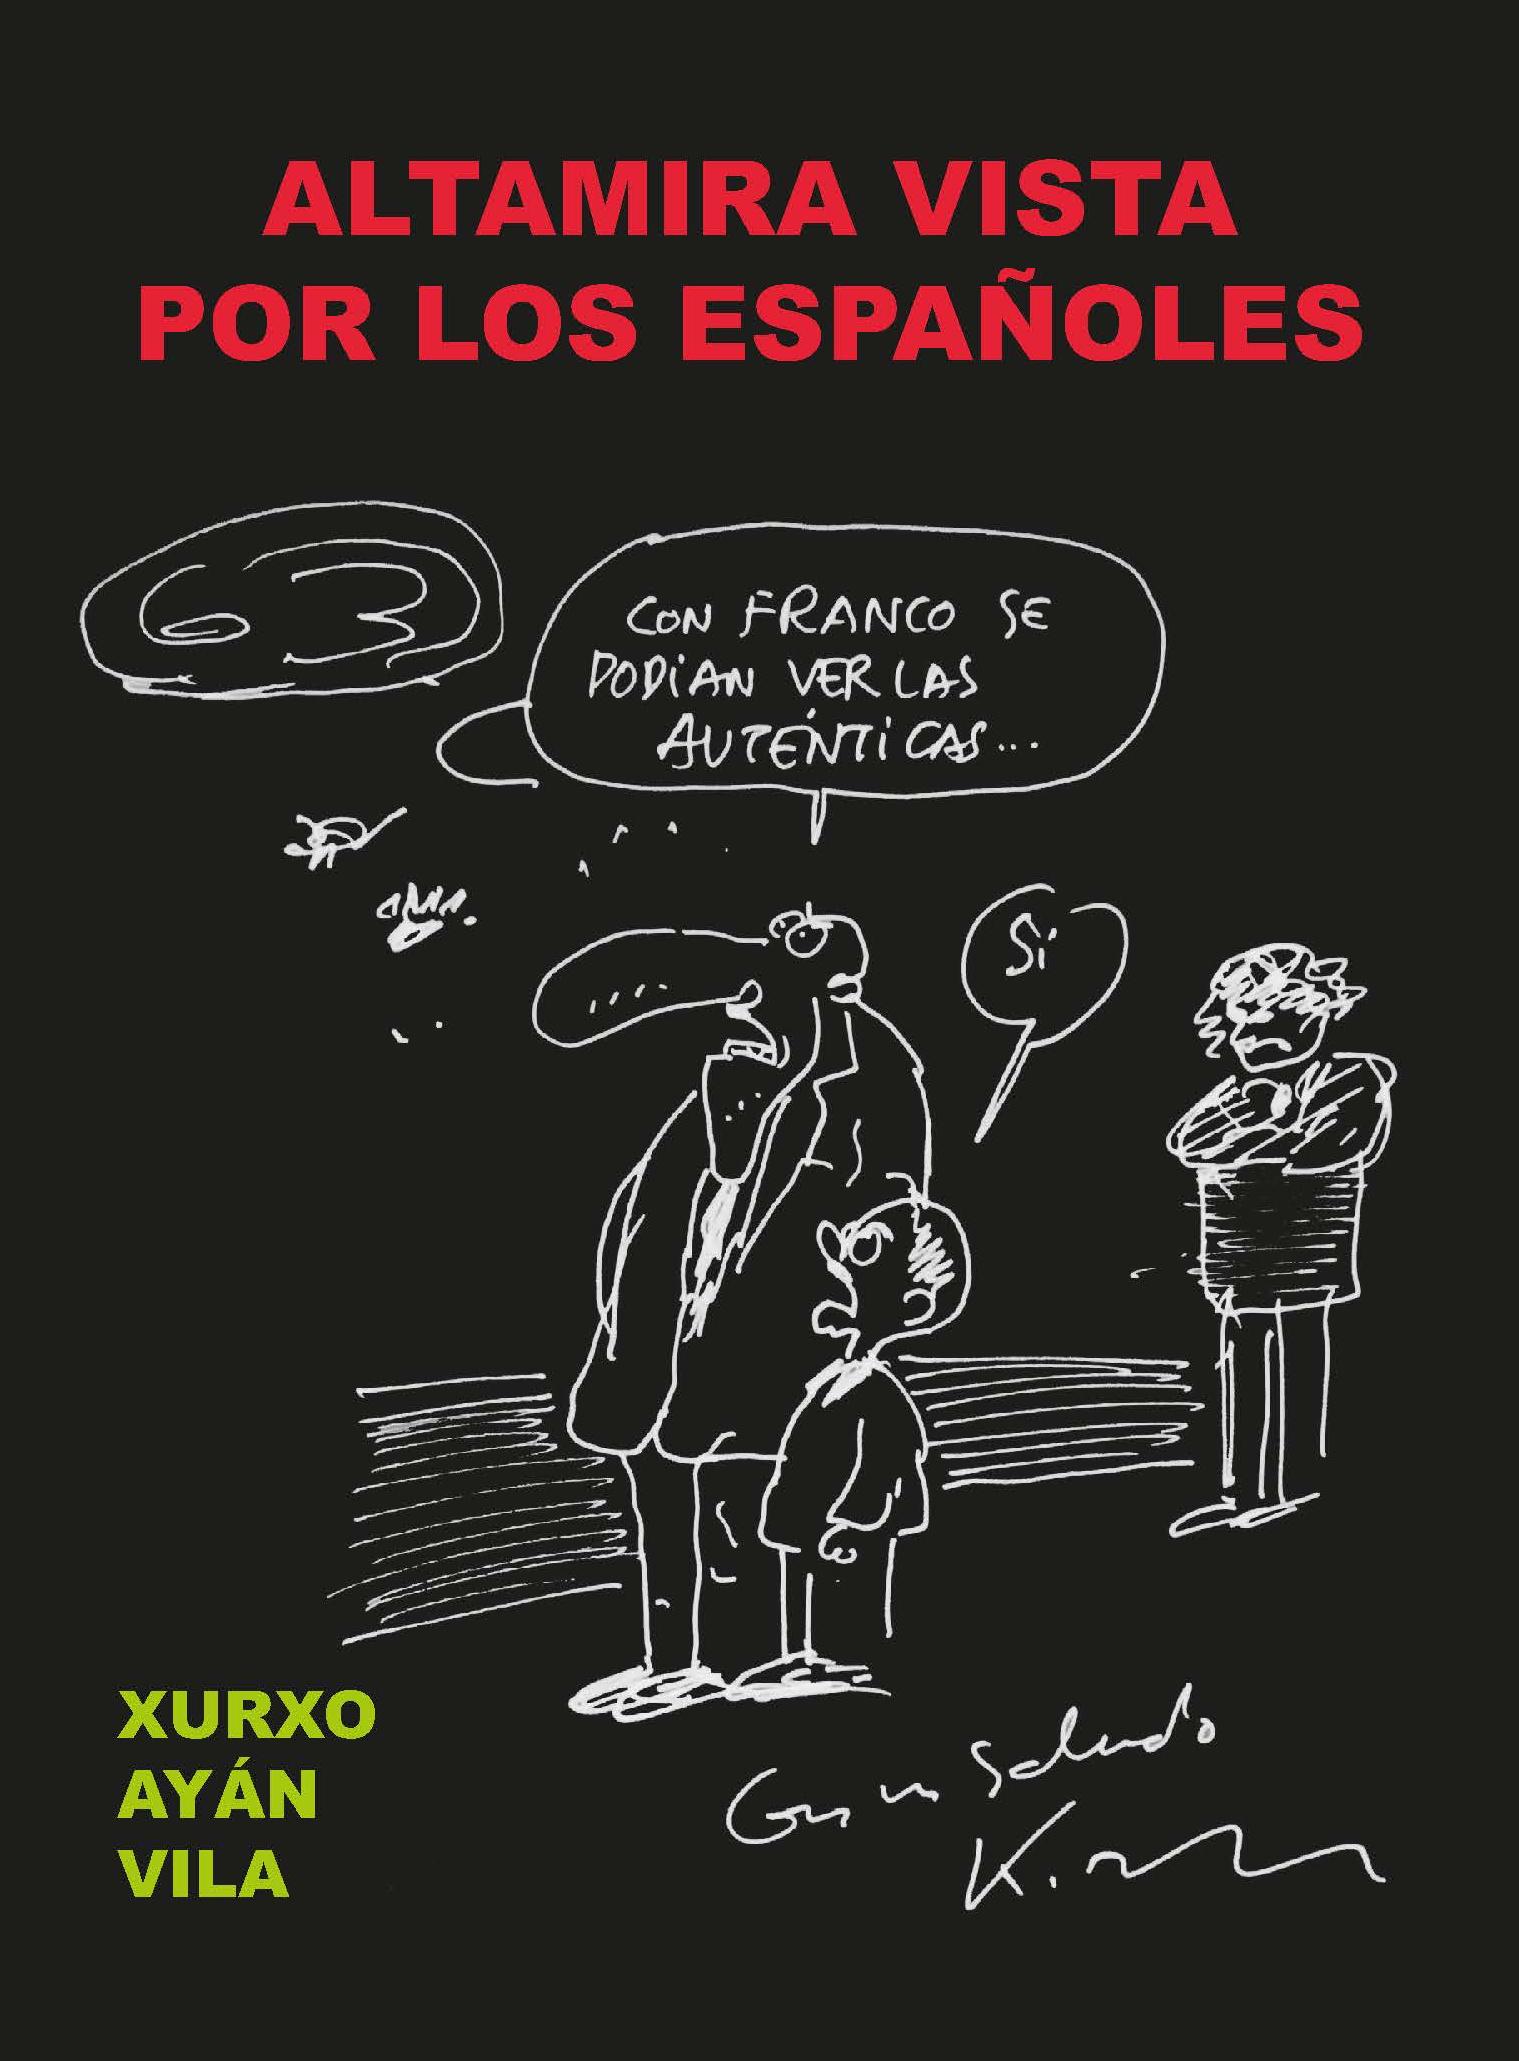 Altamira vista por los españoles